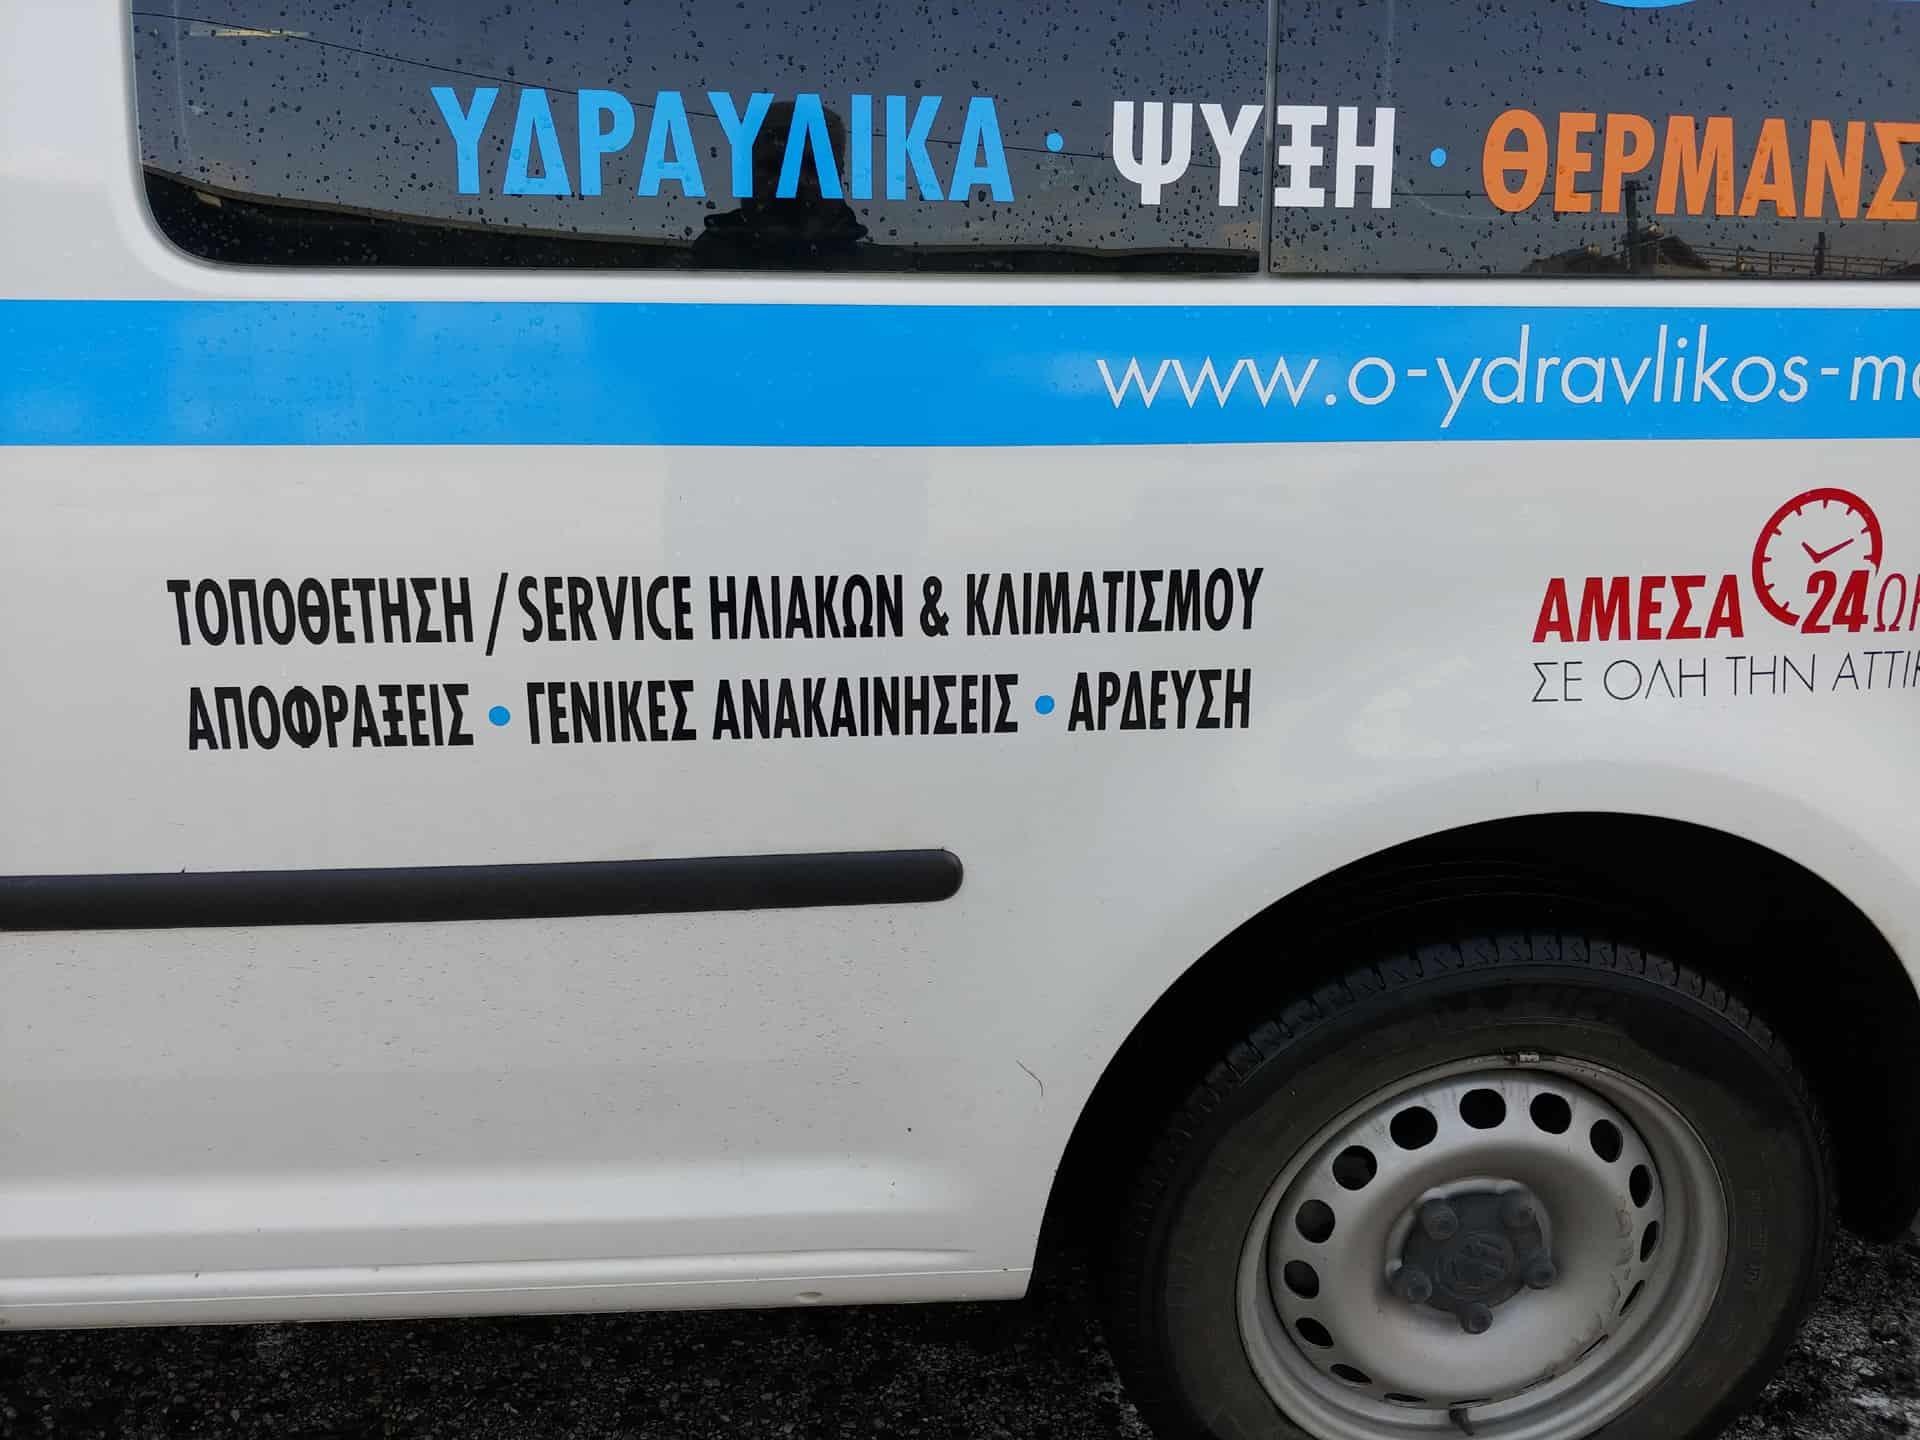 Ορθογραφικά λάθη σε διαφημιστικές πινακίδες